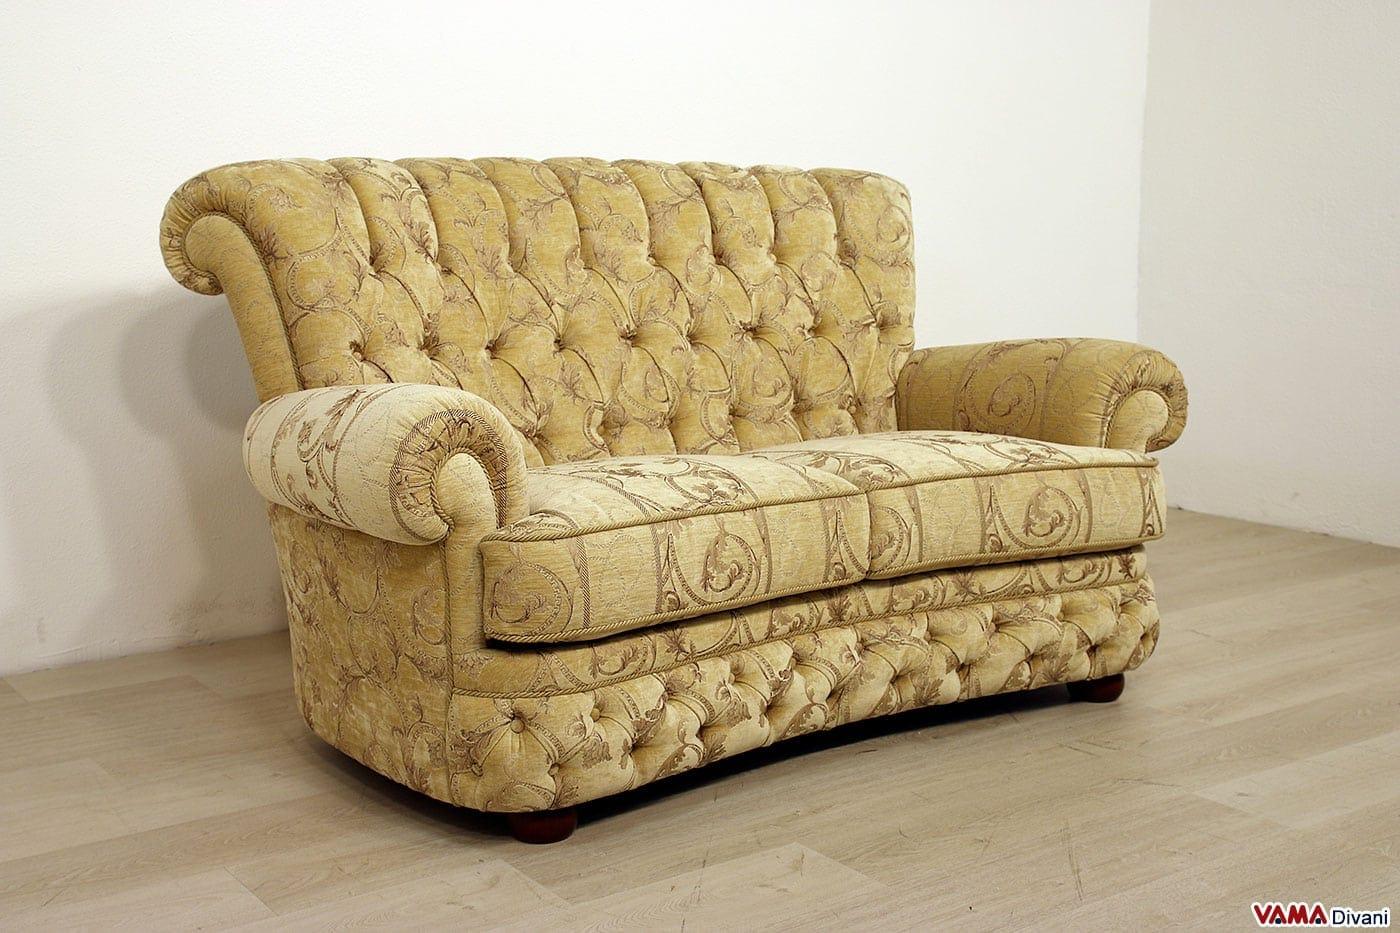 Divano in pelle con la lavorazione capitonn simil chesterfield - Altezza schienale divano ...